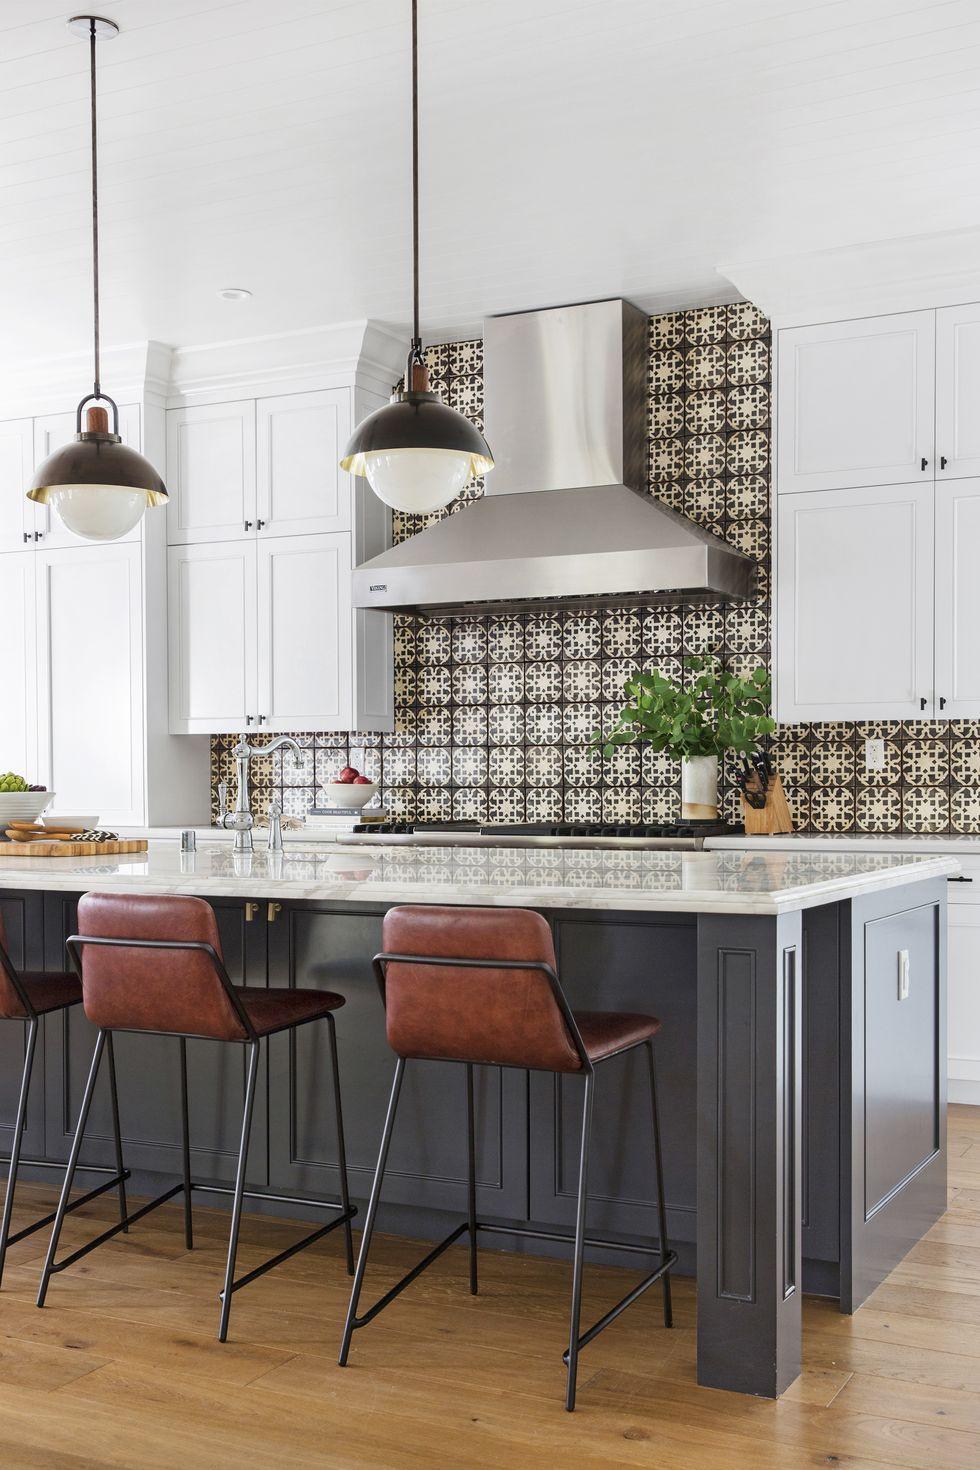 طراحی سرد و ساده آشپزخانه 2020